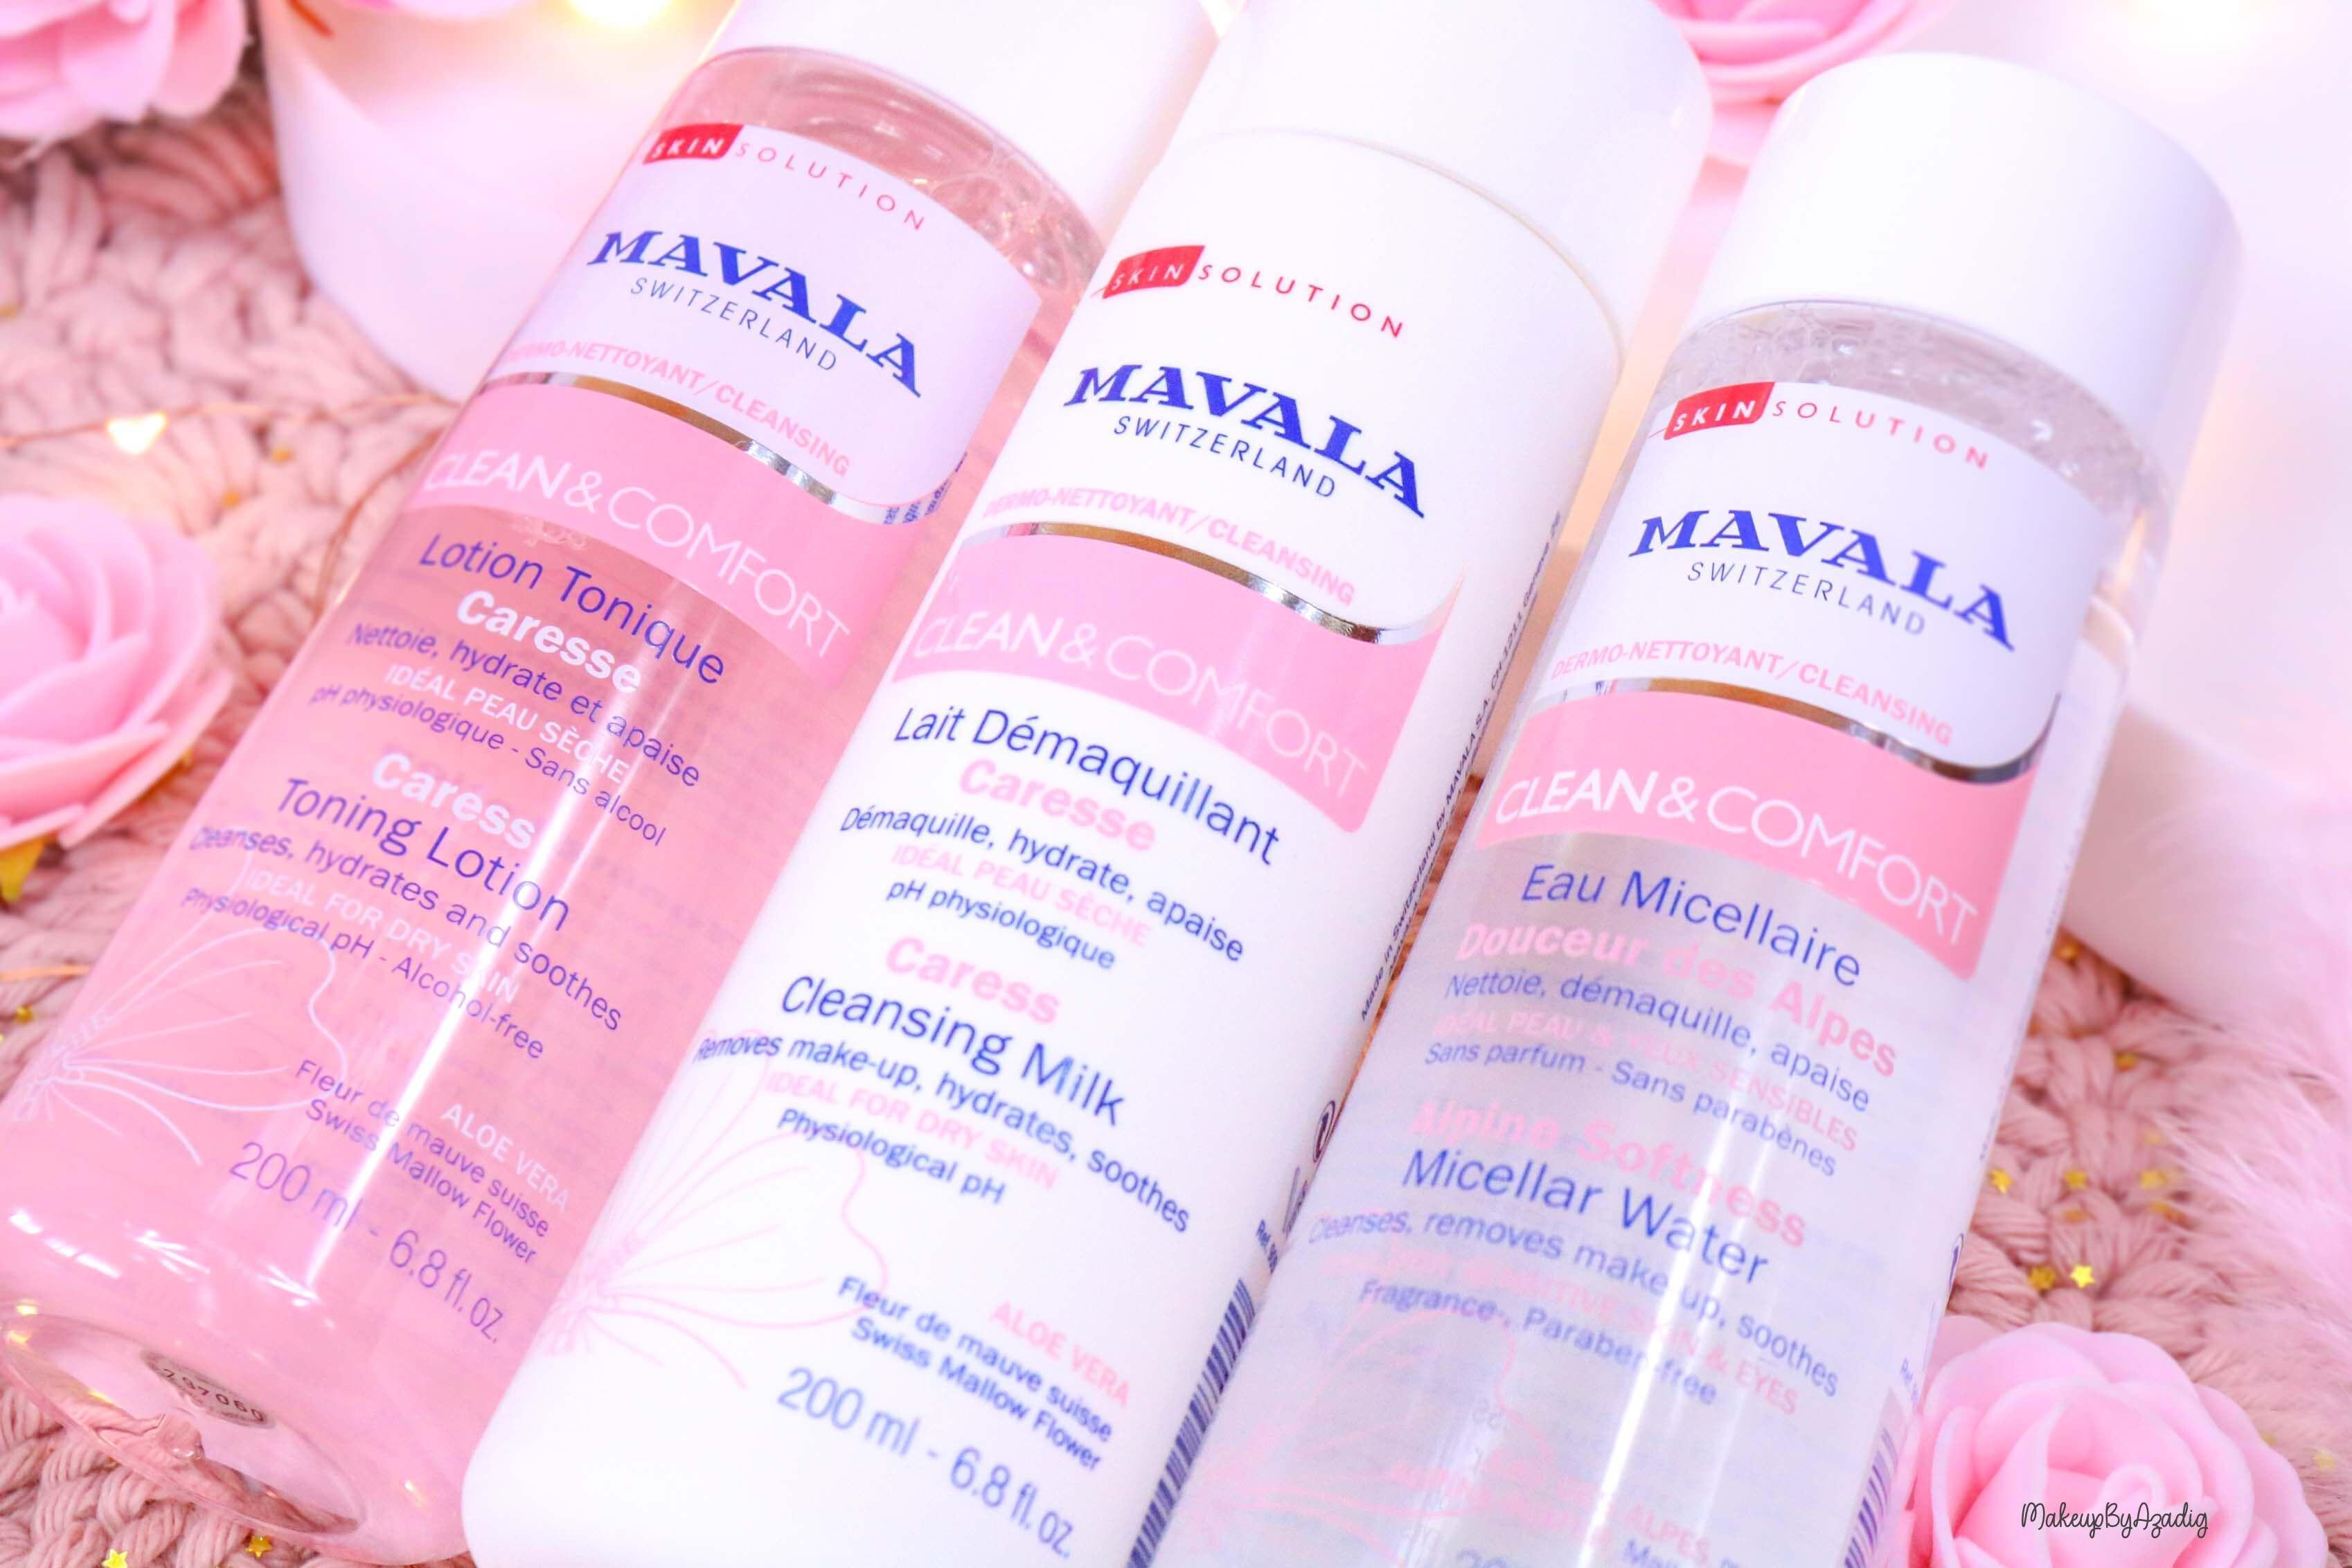 revue-routine-demaquillage-soin-confort-mavala-suisse-clean-lotion-tonique-lait-eau-micellaire-makeupbyazadig-cleansing